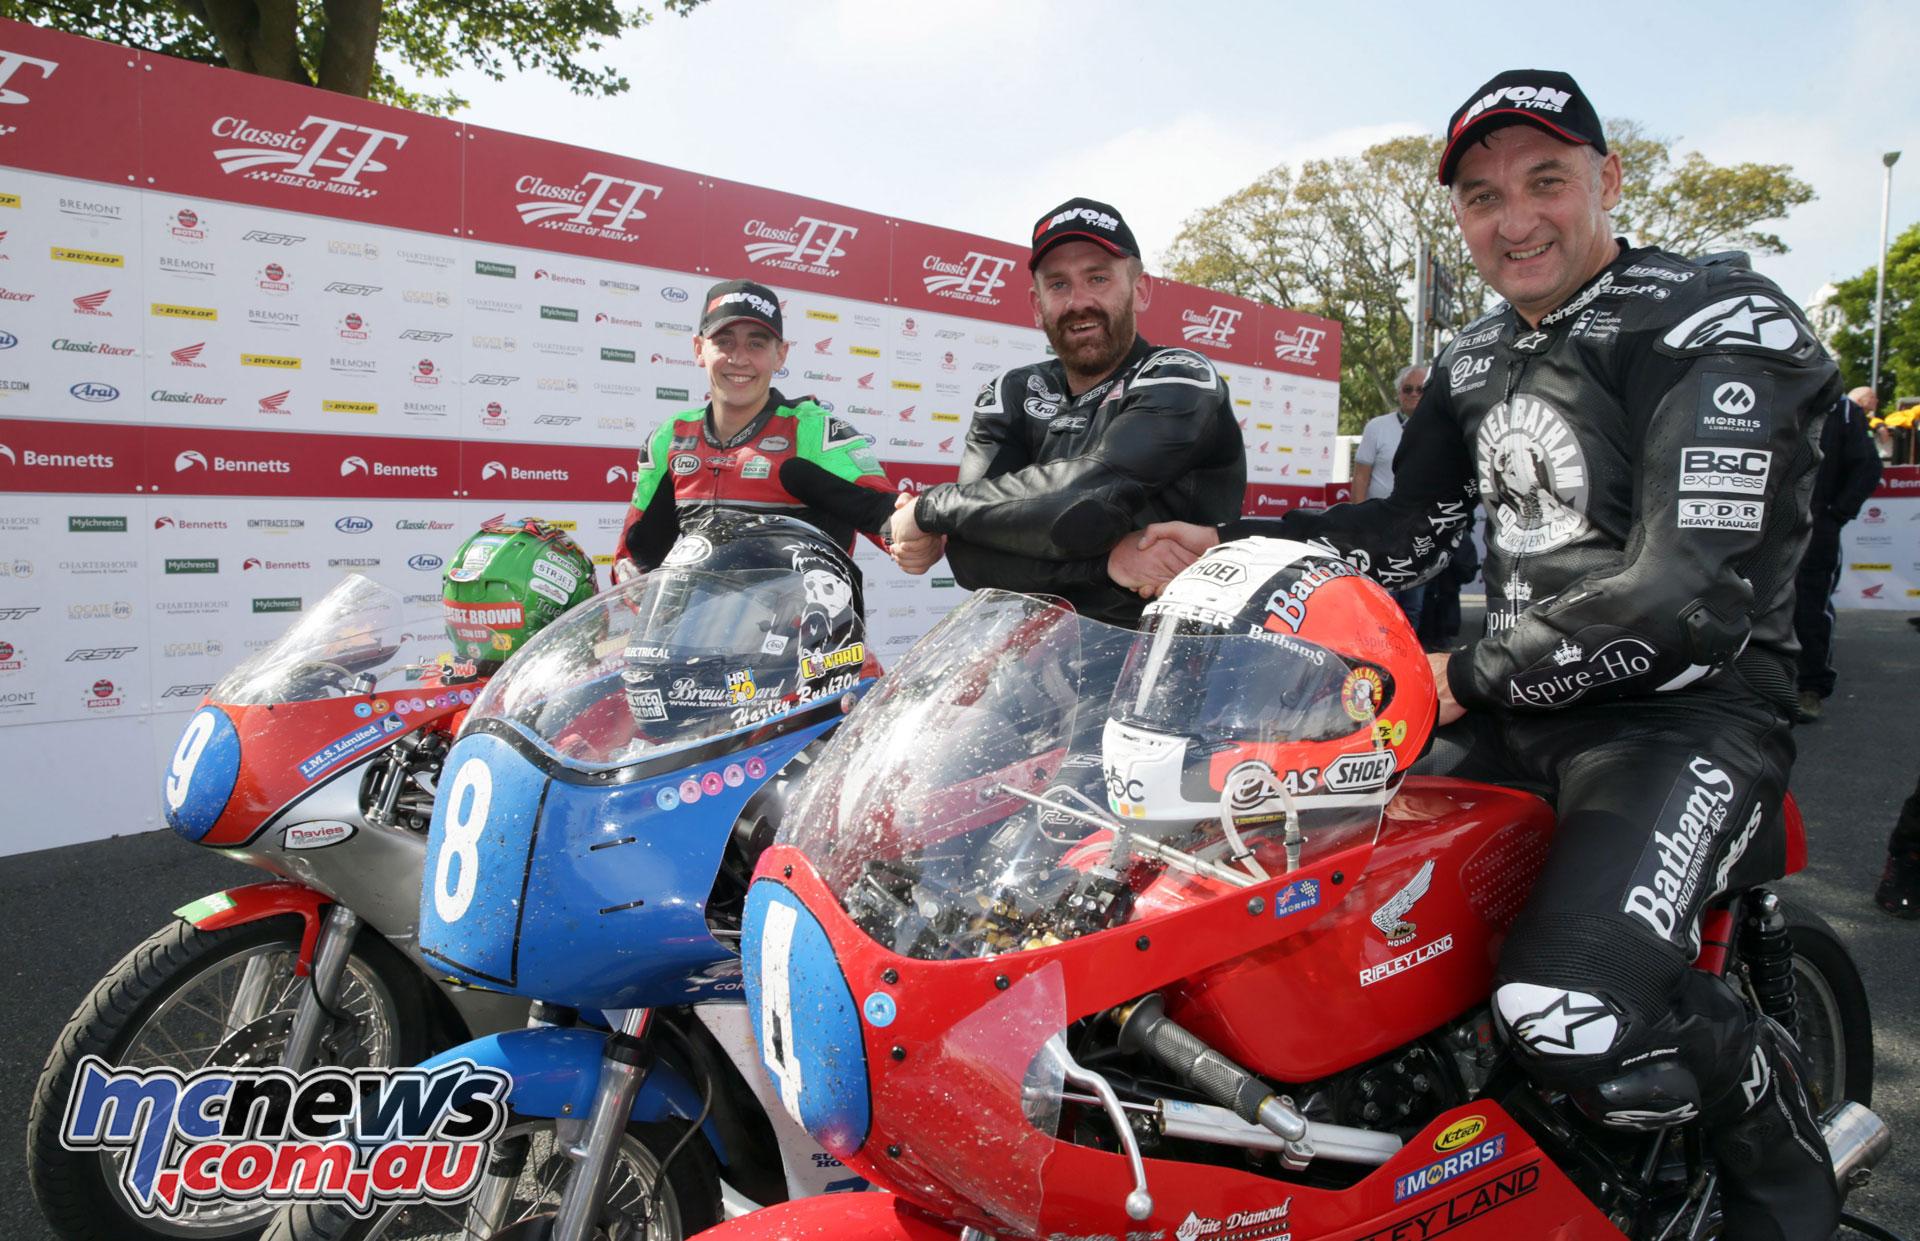 Isle of Man Classic TT Junior Classic TT Top